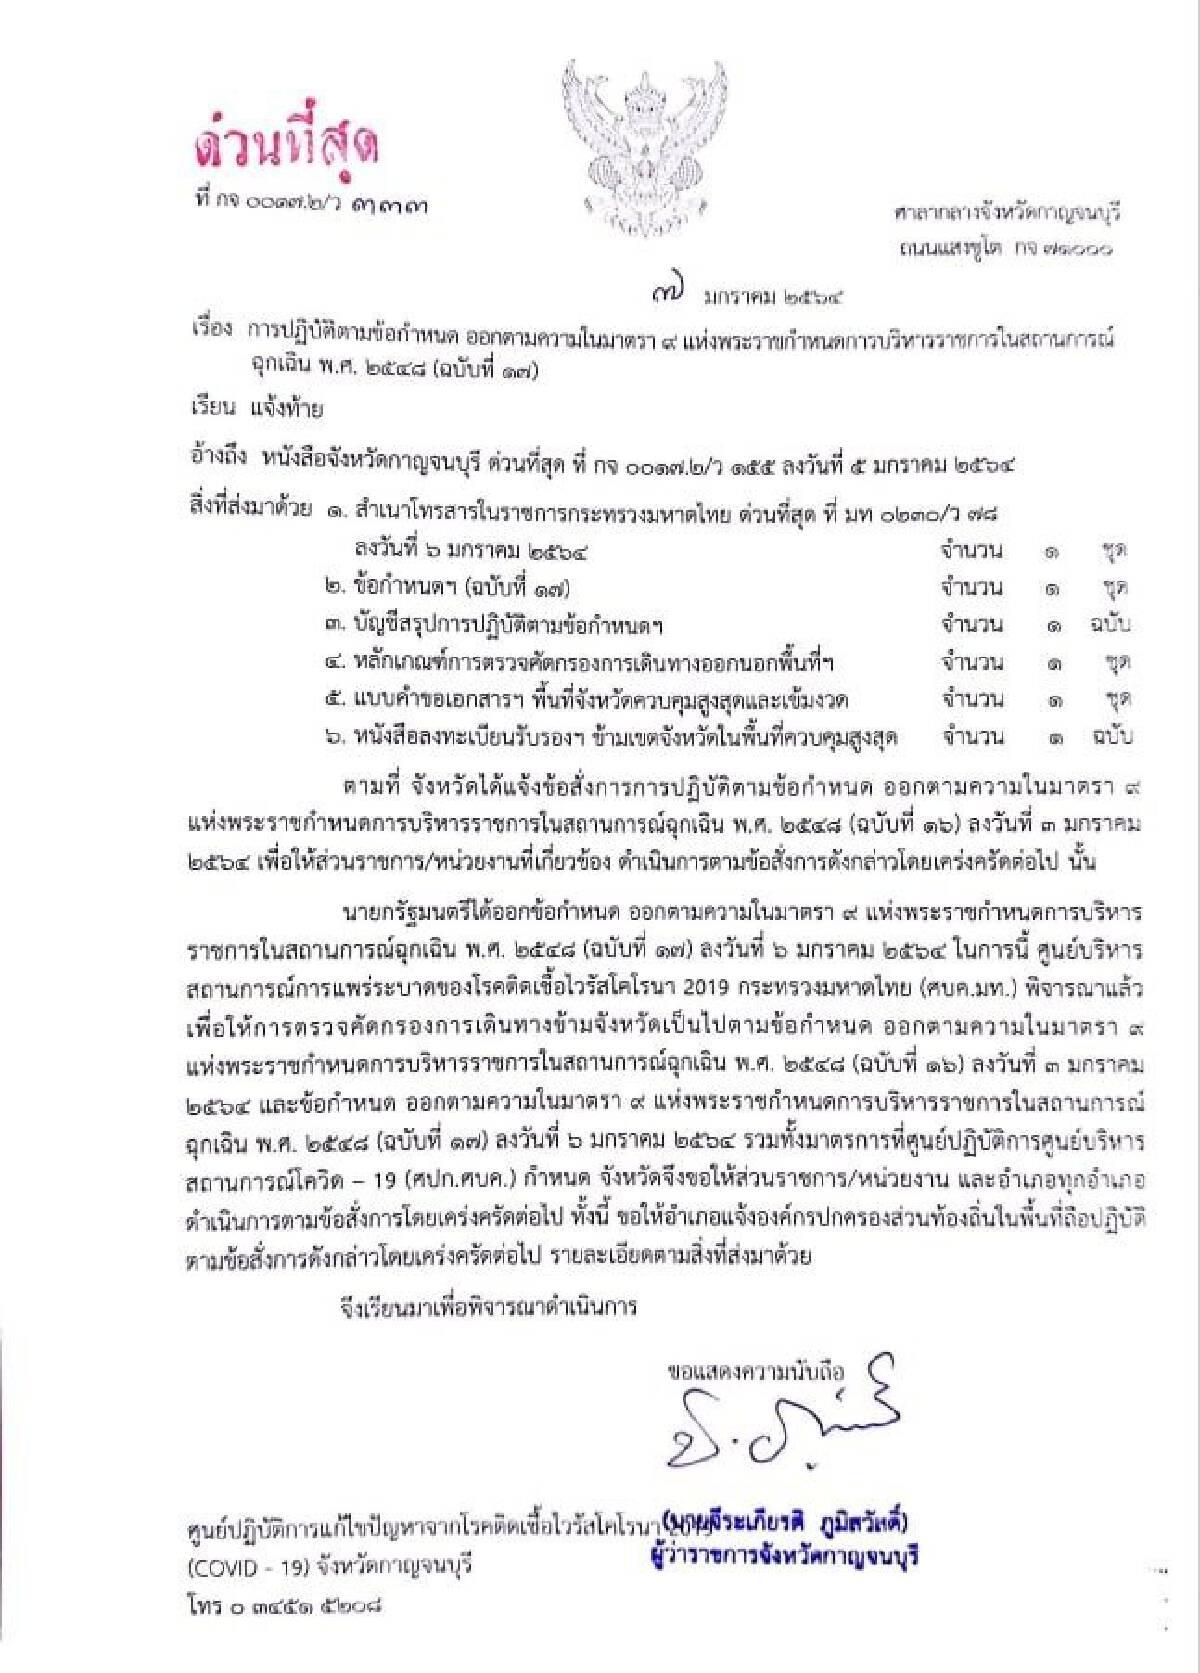 ผู้ว่าฯกาญจนบุรี แจ้งประชาชนเดินทางข้ามจังหวัดขอหนังสือรับรองที่อำเภอ